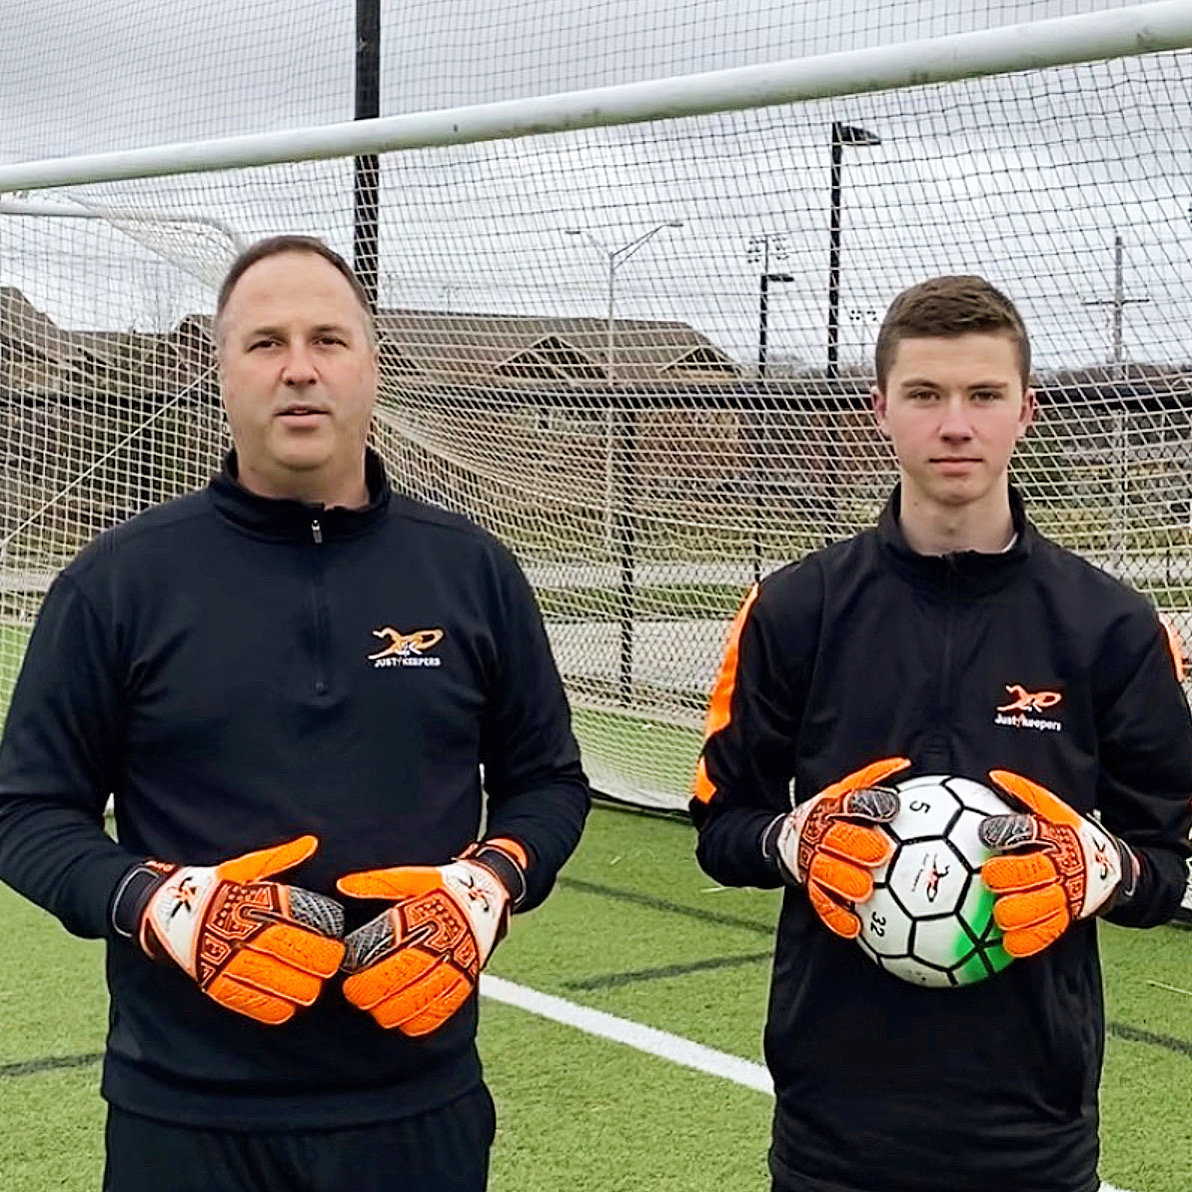 Mike & Jimmy Poledna - Goalkeeper Training in Kansas City